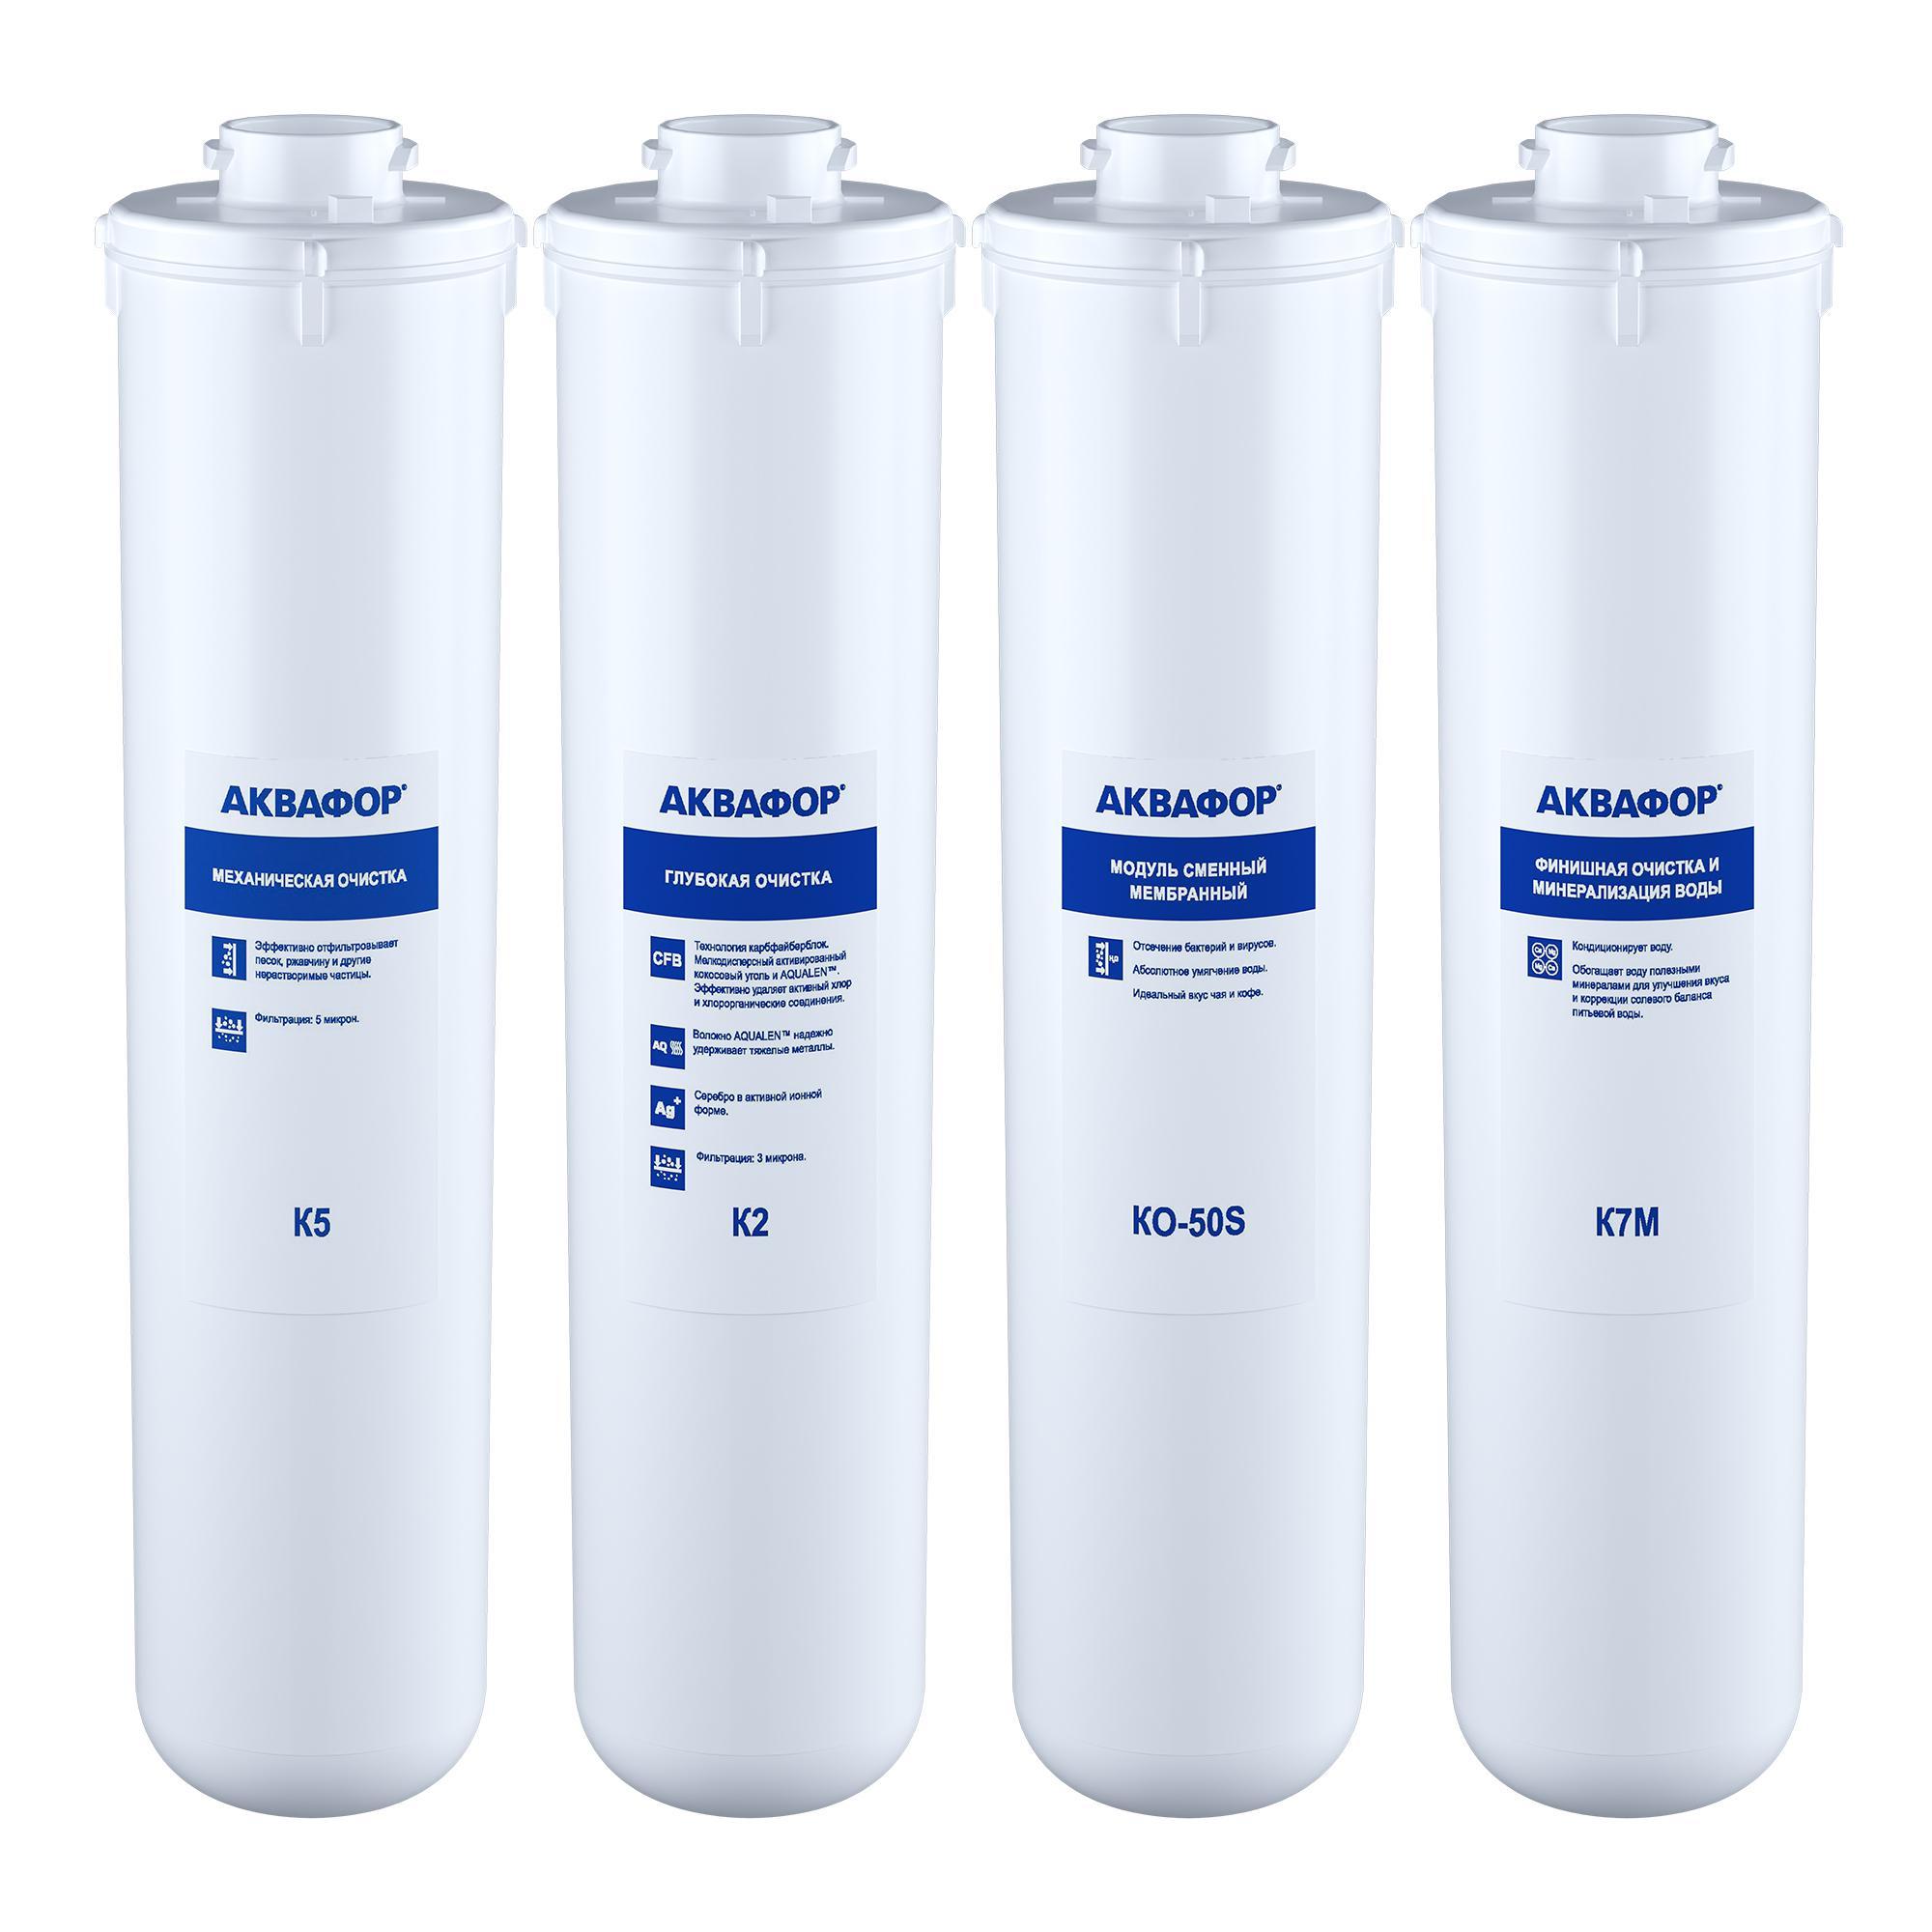 Комплект АКВАФОР К5-К2-КО-50s-К7М И10921 комплектующие для фильтров kristalfilter slim 10 cp угп 10